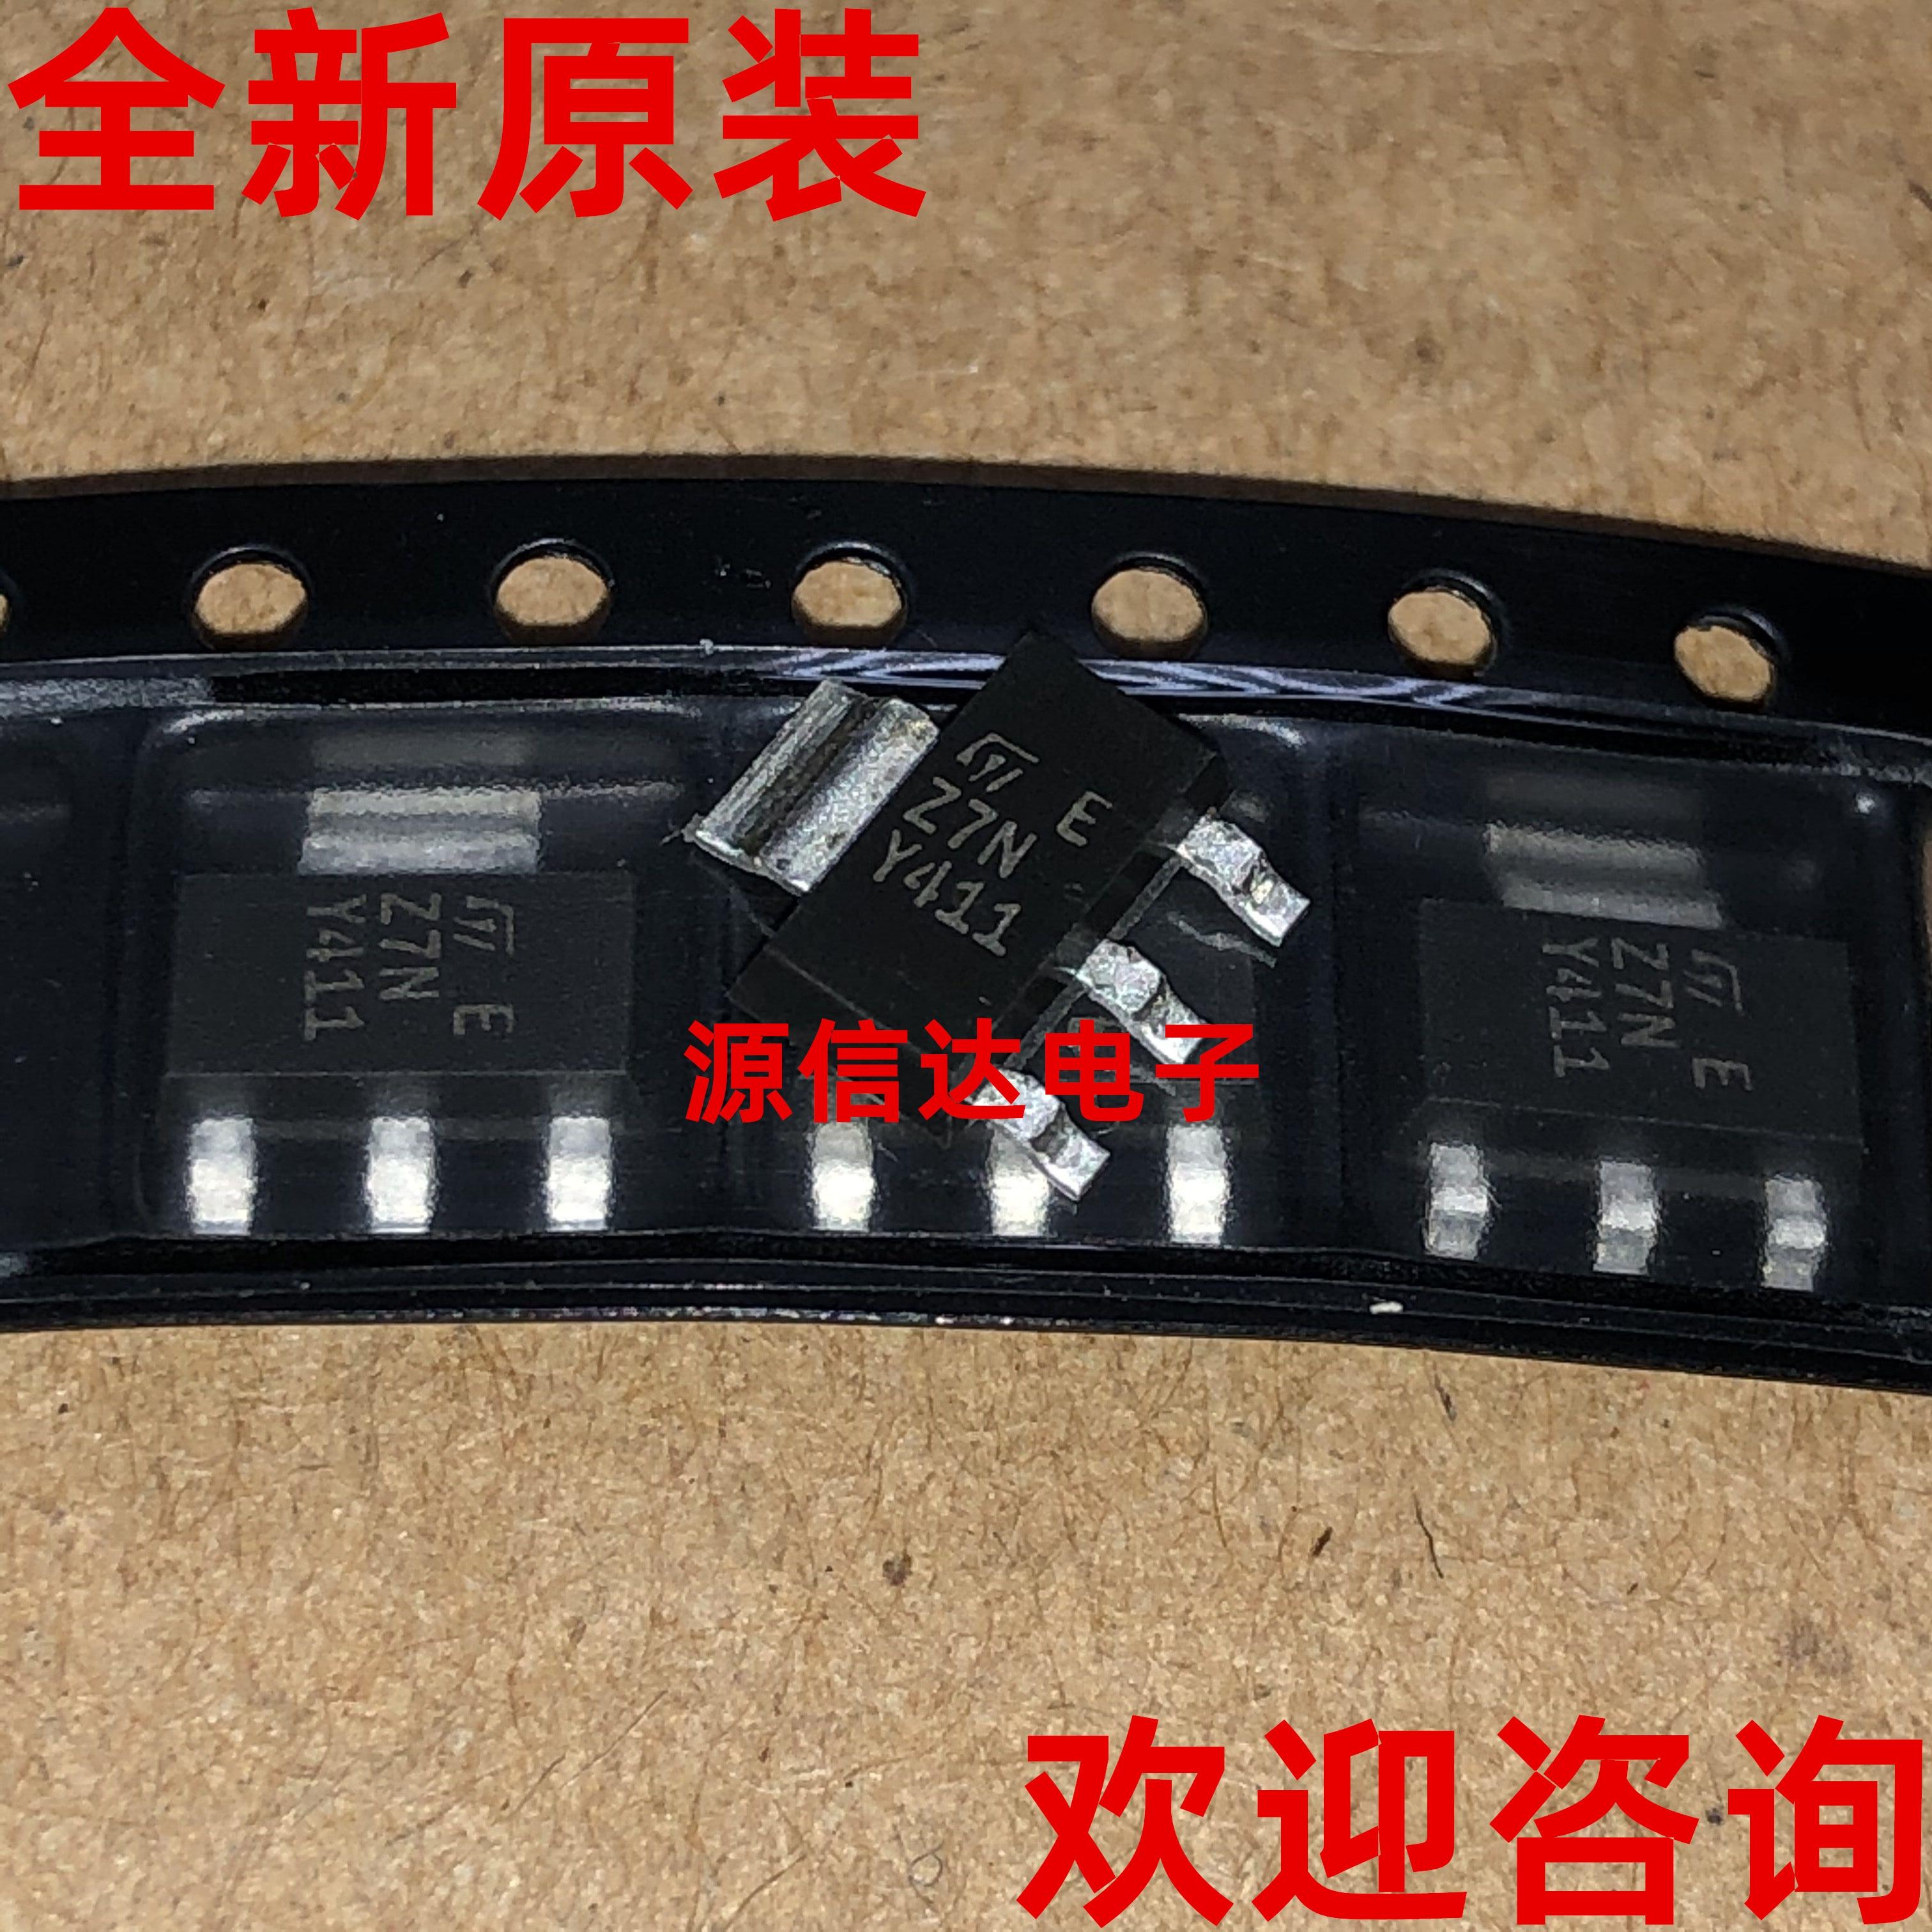 Charitable Brand New Imported Z0107nn 5aa4 Silk Screen Printing: Z7n 1a / 800v Bidirectional Thyristor Original Stock Lovely Luster